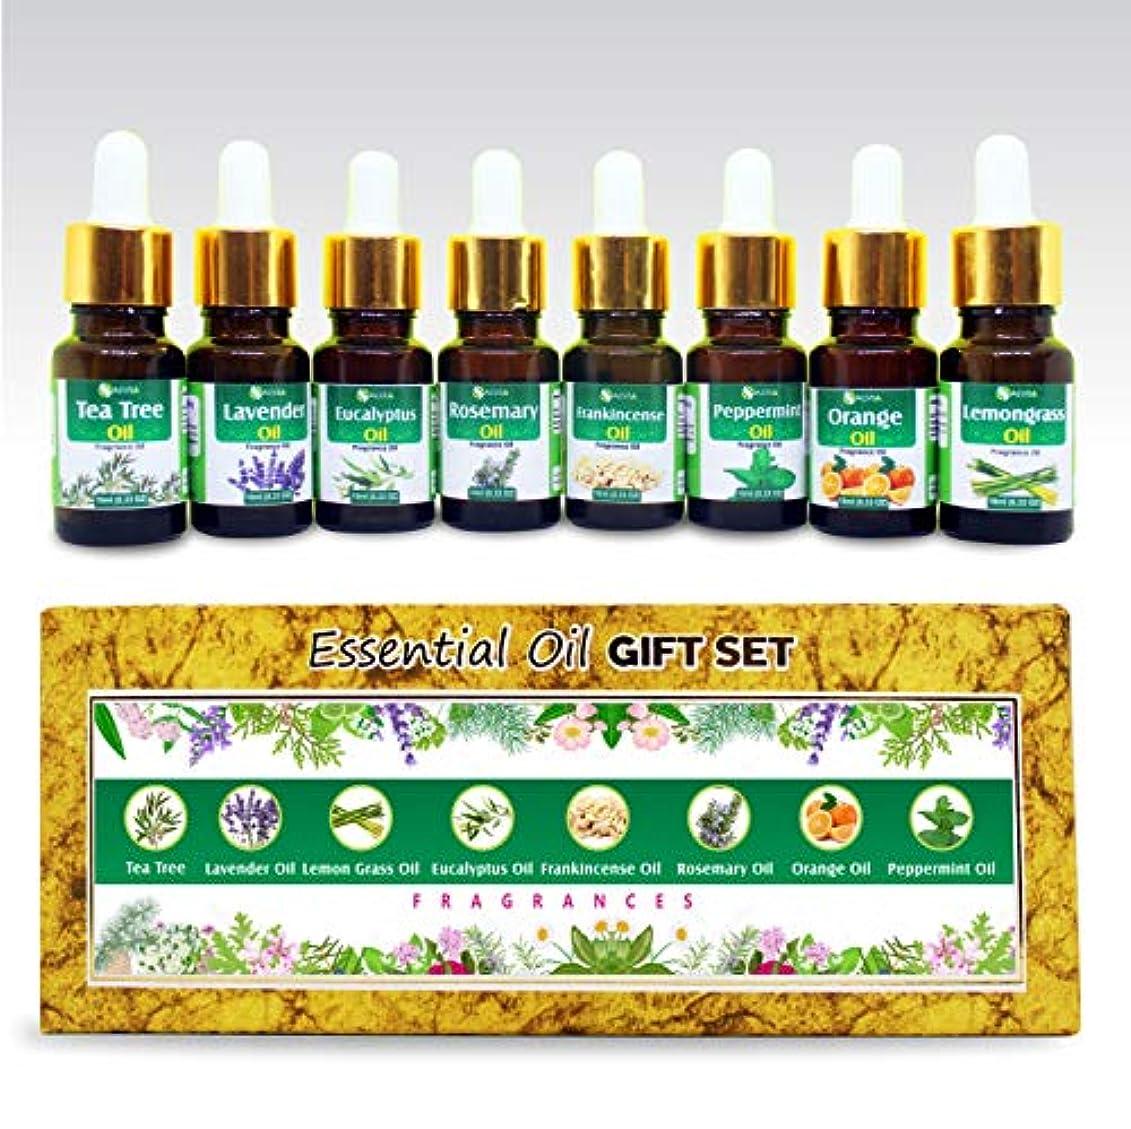 過半数具体的に積分Aromatherapy Fragrance Oils - Pack of 8 Essential Oils 100% Natural Therapeutic Oils - 10 ML each (Tea Tree, Lavender, Eucalyptus, Frankincense, Lemongrass, Rosemary, Orange, Peppermint) Gift Set